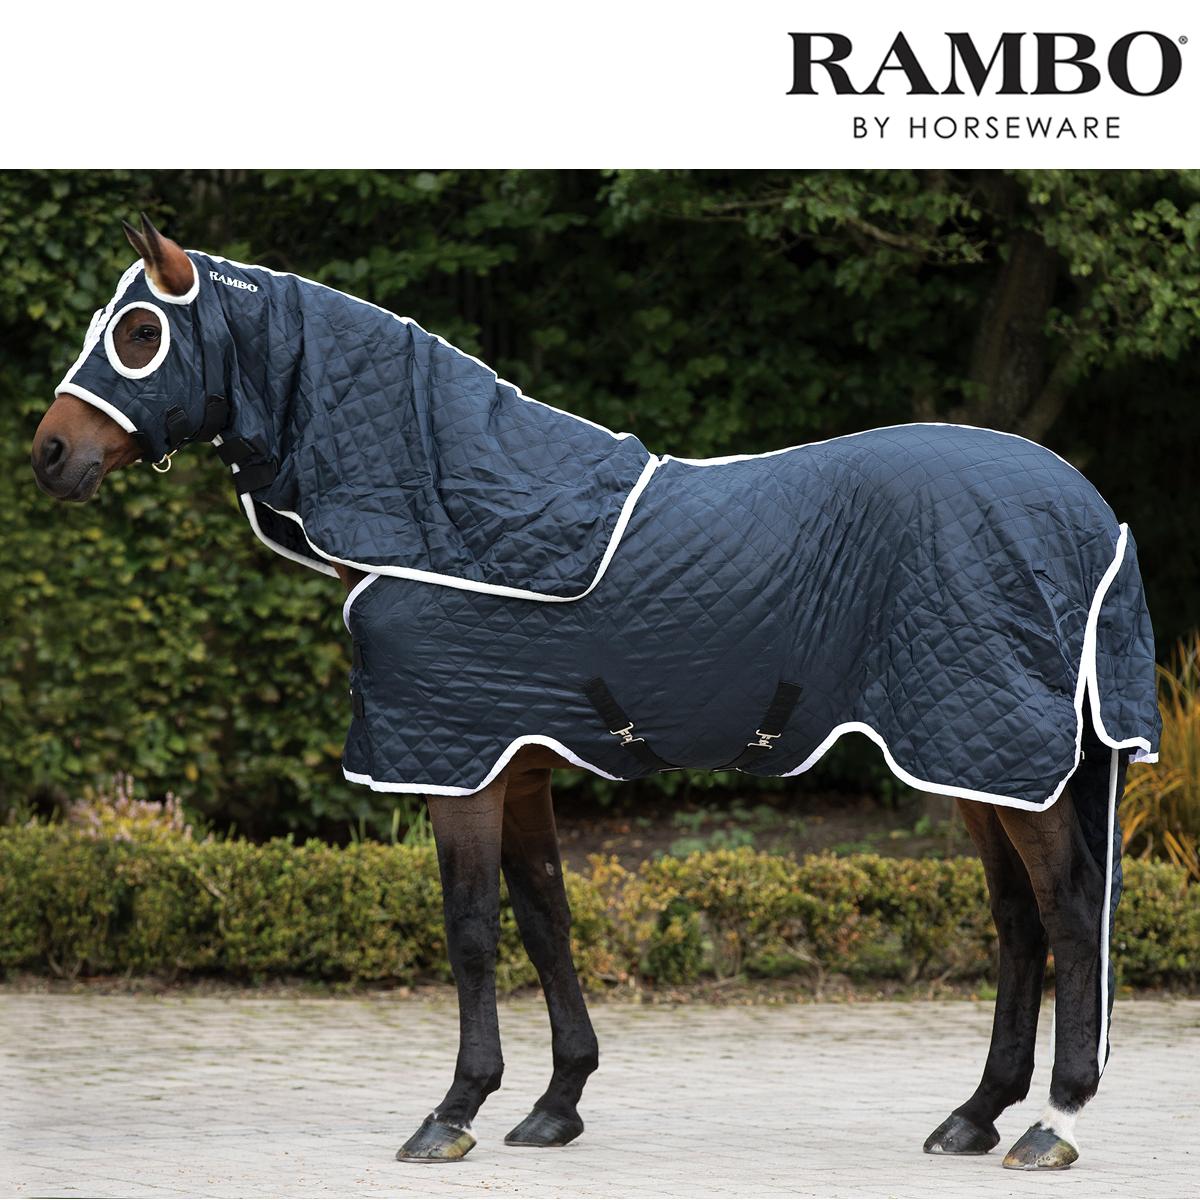 Horseware Rambo Show Set Rug (Navy/Weiß) FREE UK Shipping